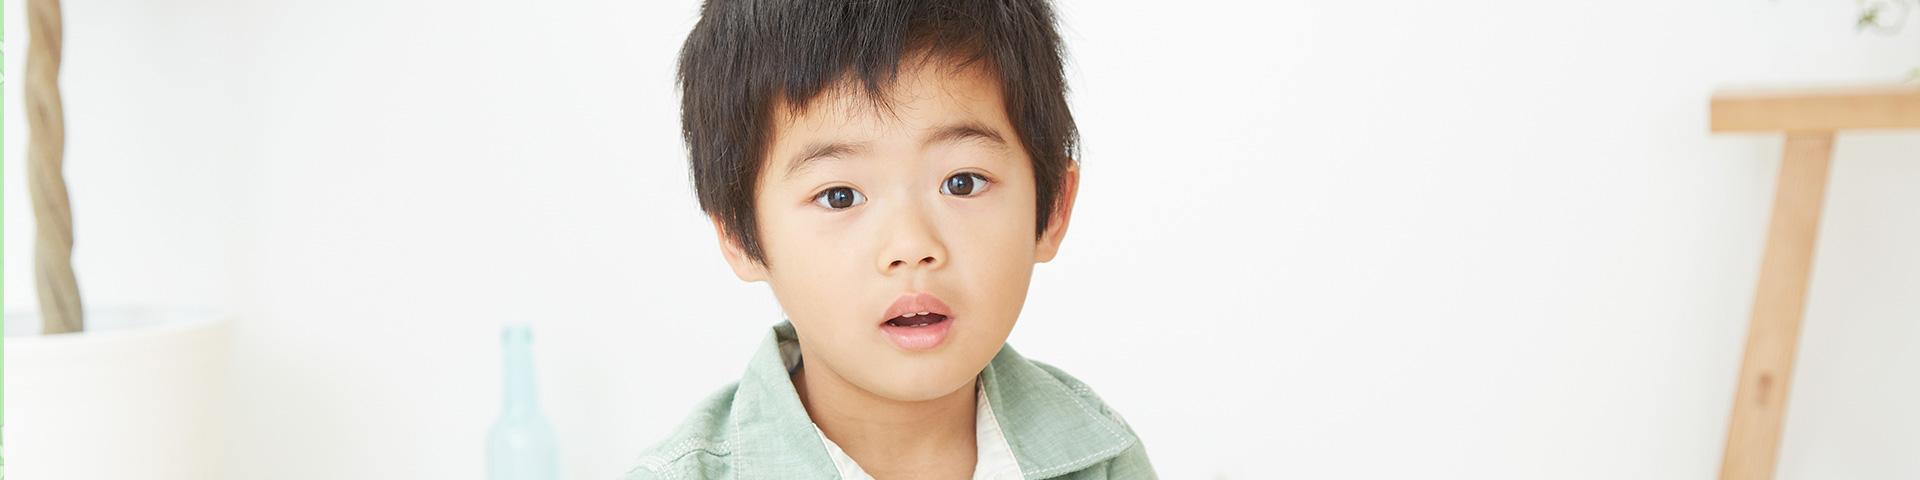 子供の歯並び・口呼吸改善治療